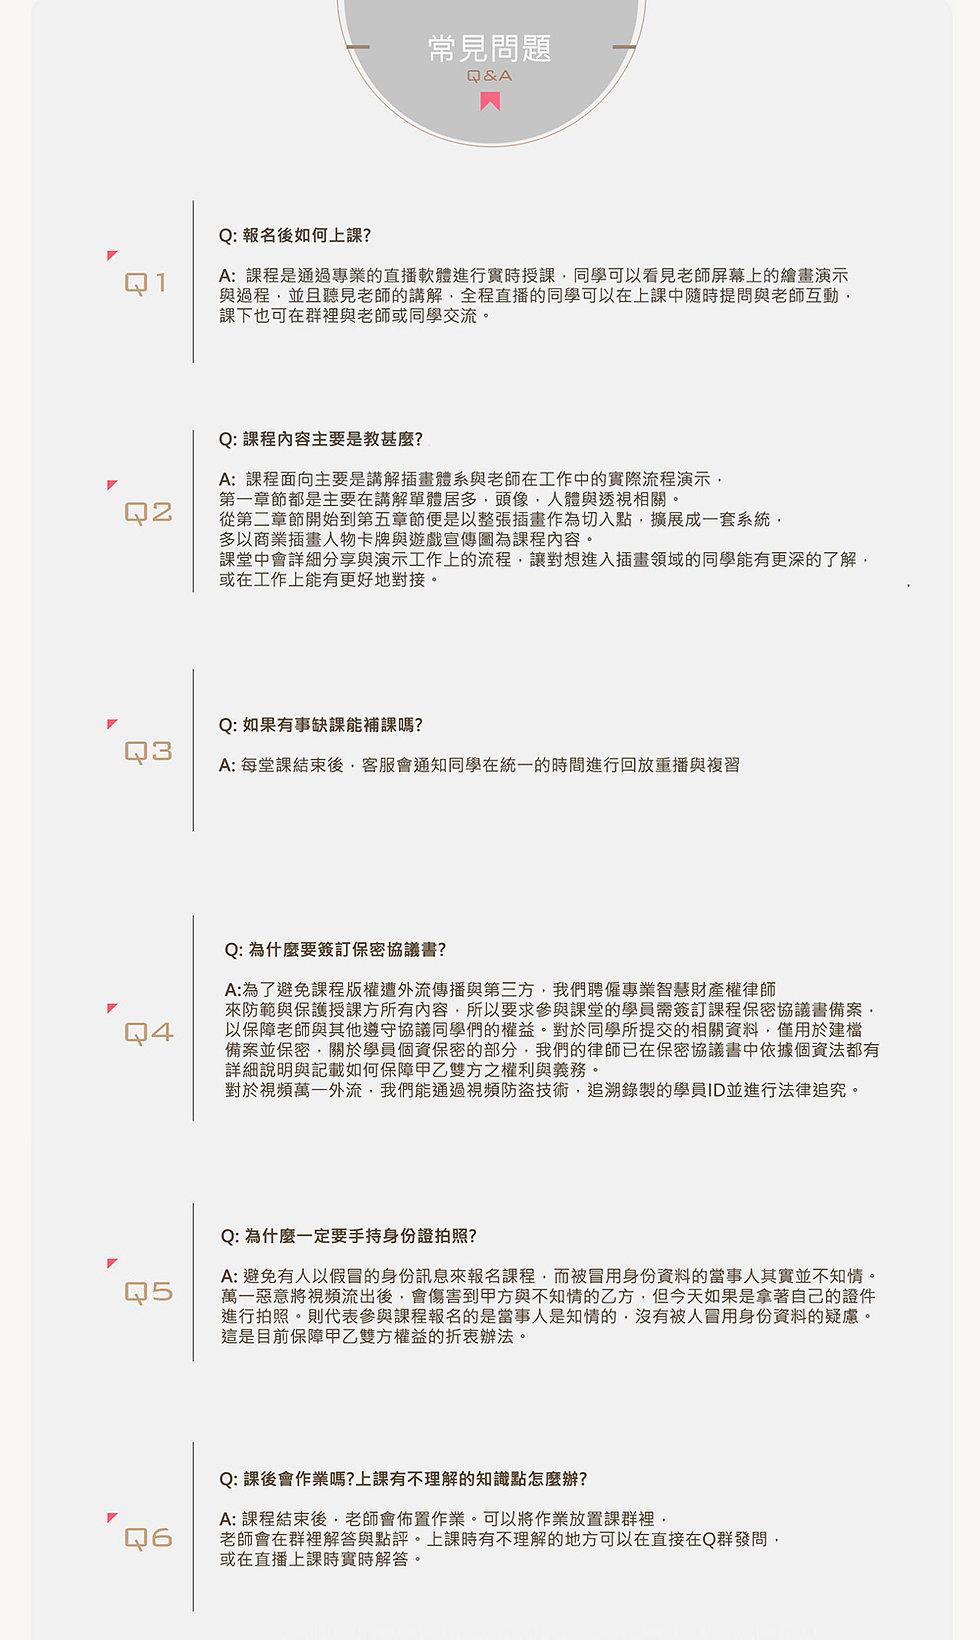 課程章節內容_QA-NEW-12-20181231-AA.jpg